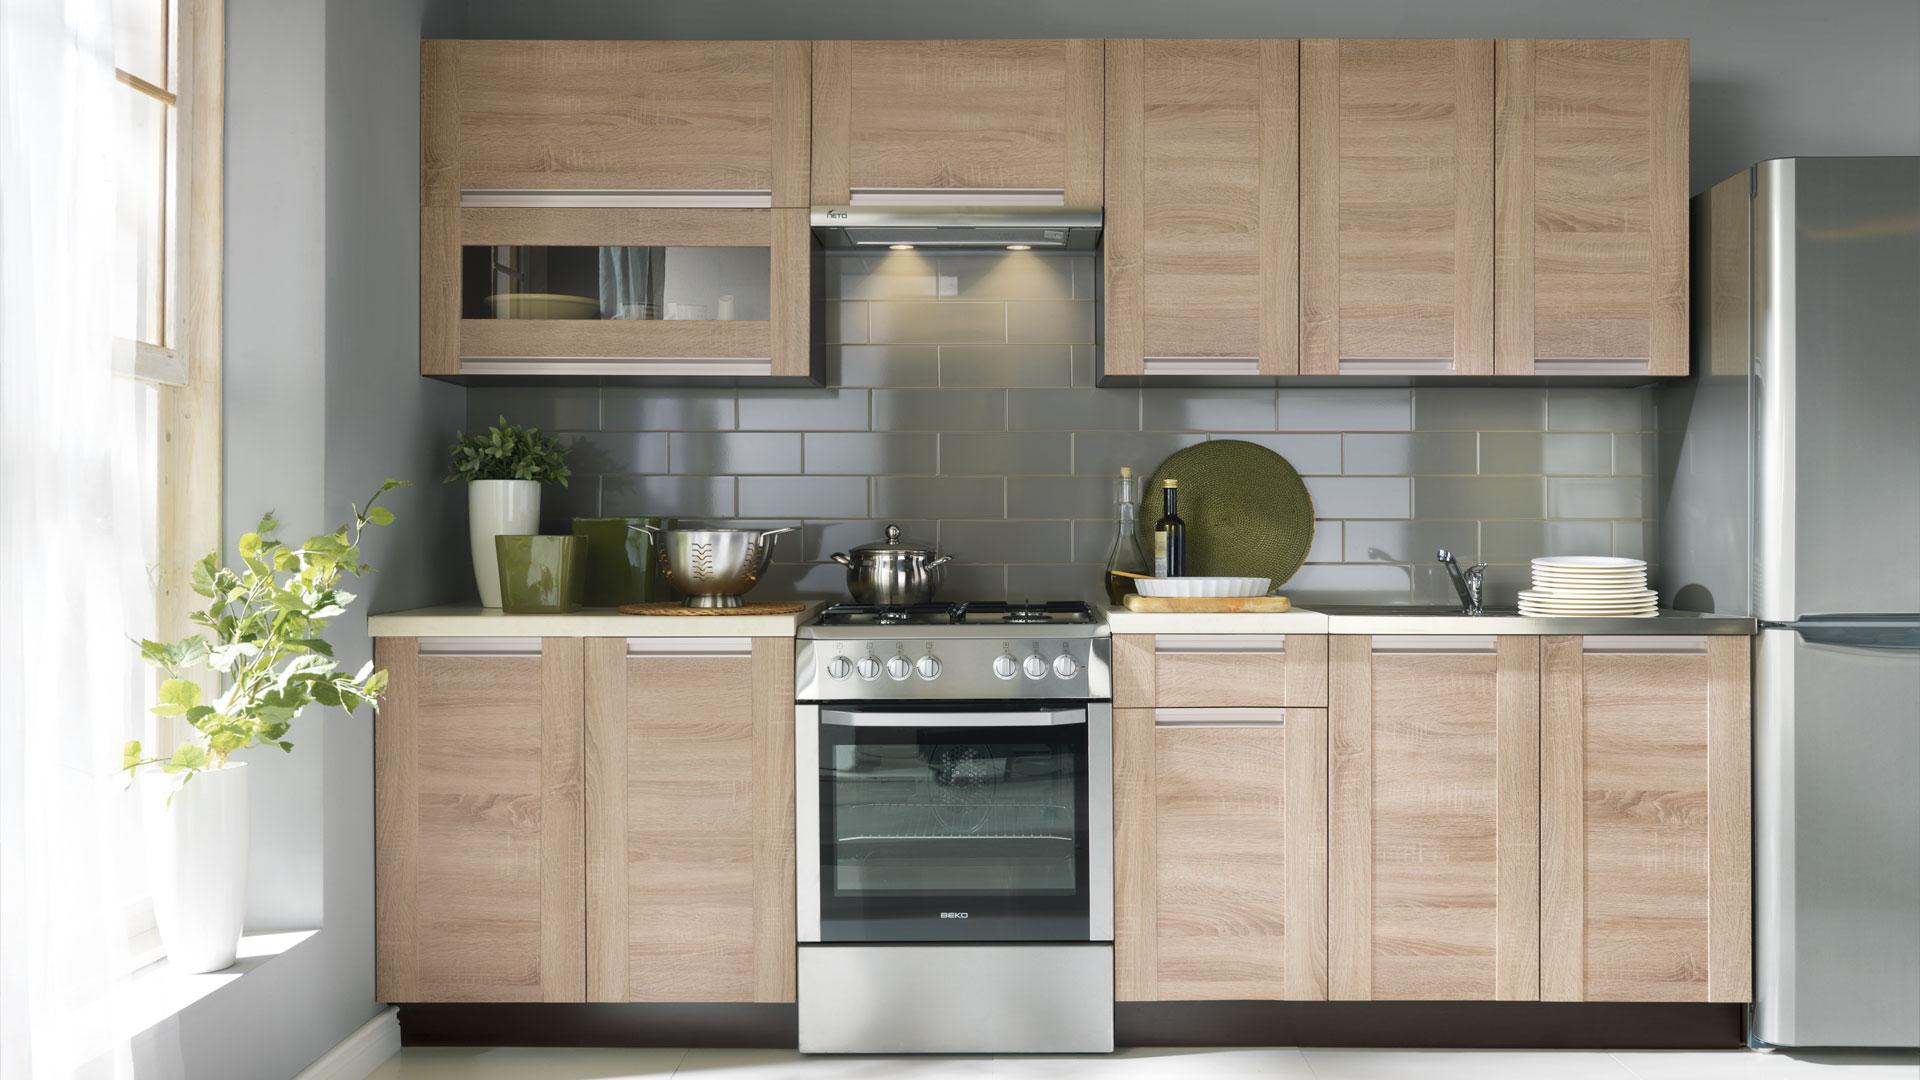 k che schr nke k chenzeile erweiterbar 260 cm eiche sonoma fronten neu schnell ebay. Black Bedroom Furniture Sets. Home Design Ideas